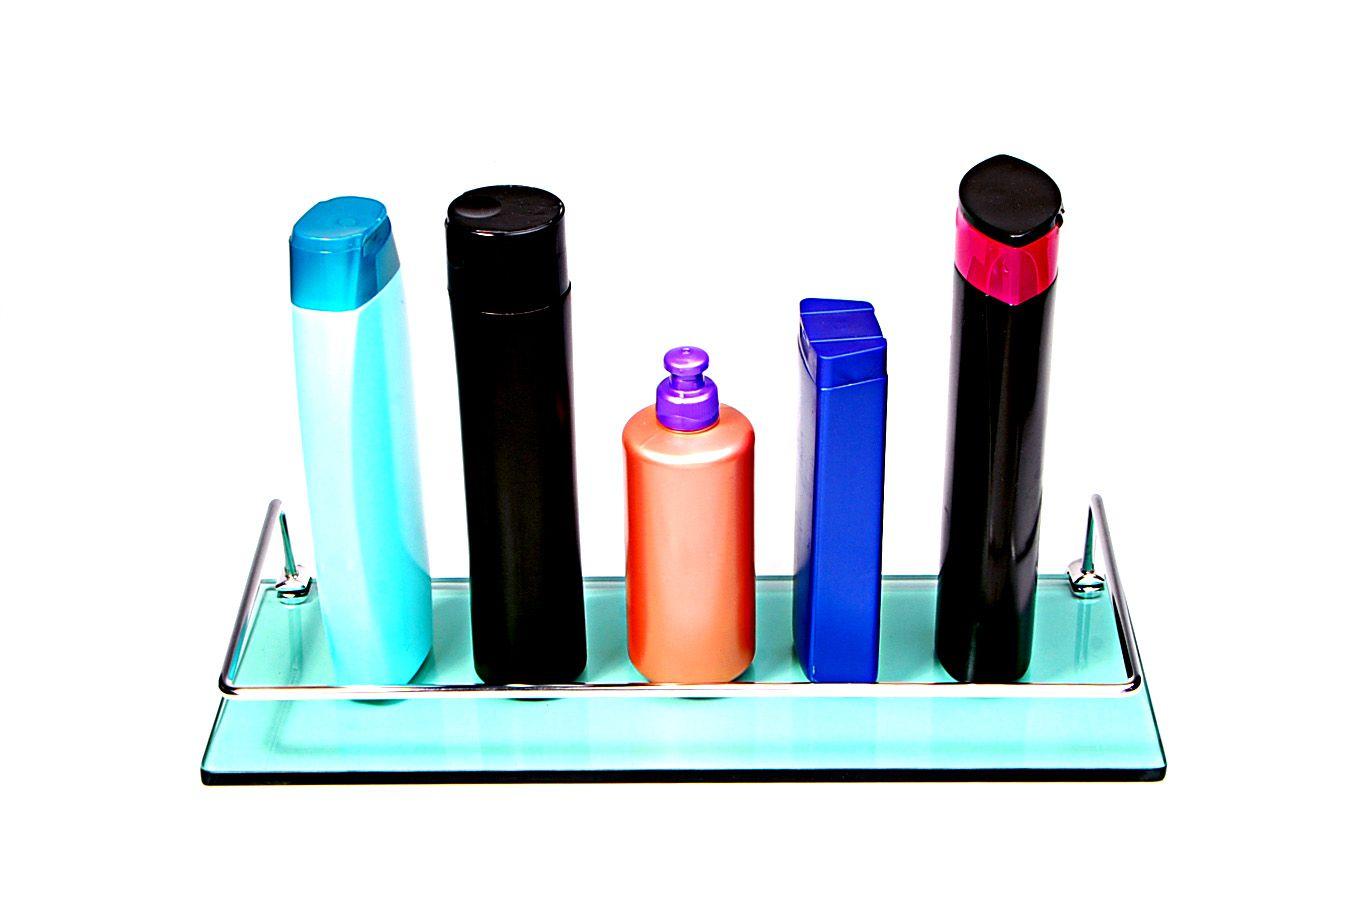 Porta Shampoo Reto em Vidro Verde Lapidado- Aquabox  - 40cmx14cmx8mm